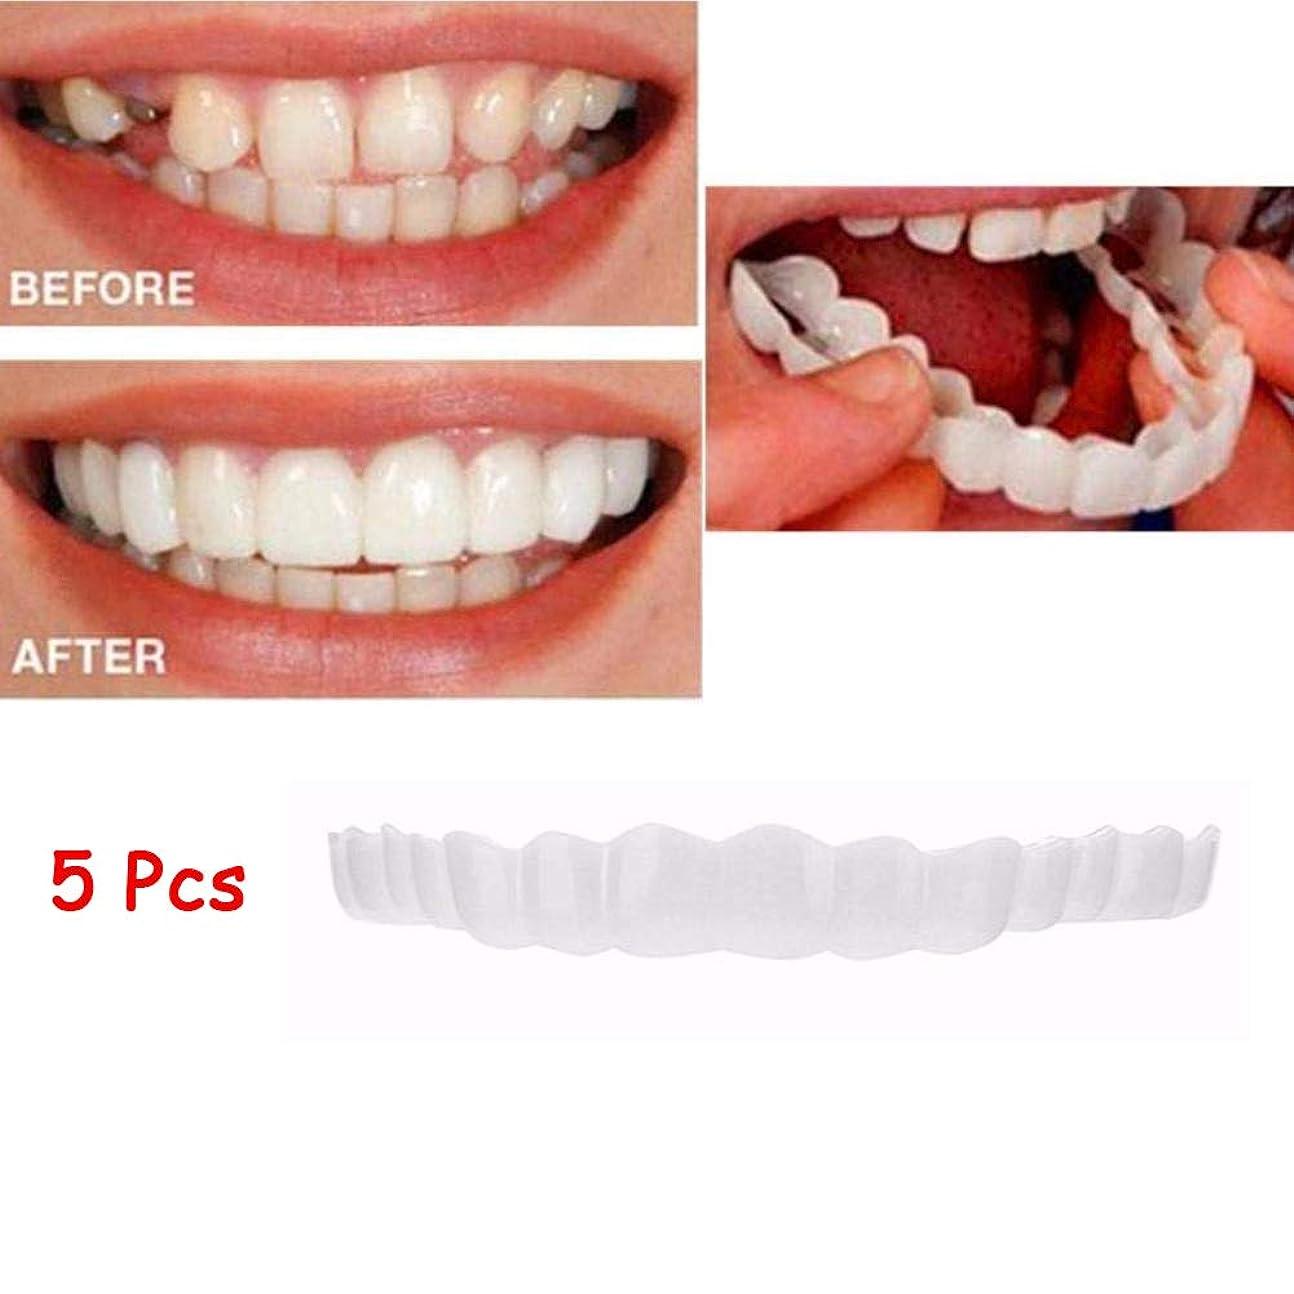 過剰パートナーなる5本突き板、化粧品の歯 - 一時的な笑顔の快適さフィットフレックス化粧品の歯ワンサイズは最も快適な歯のベニーにフィット